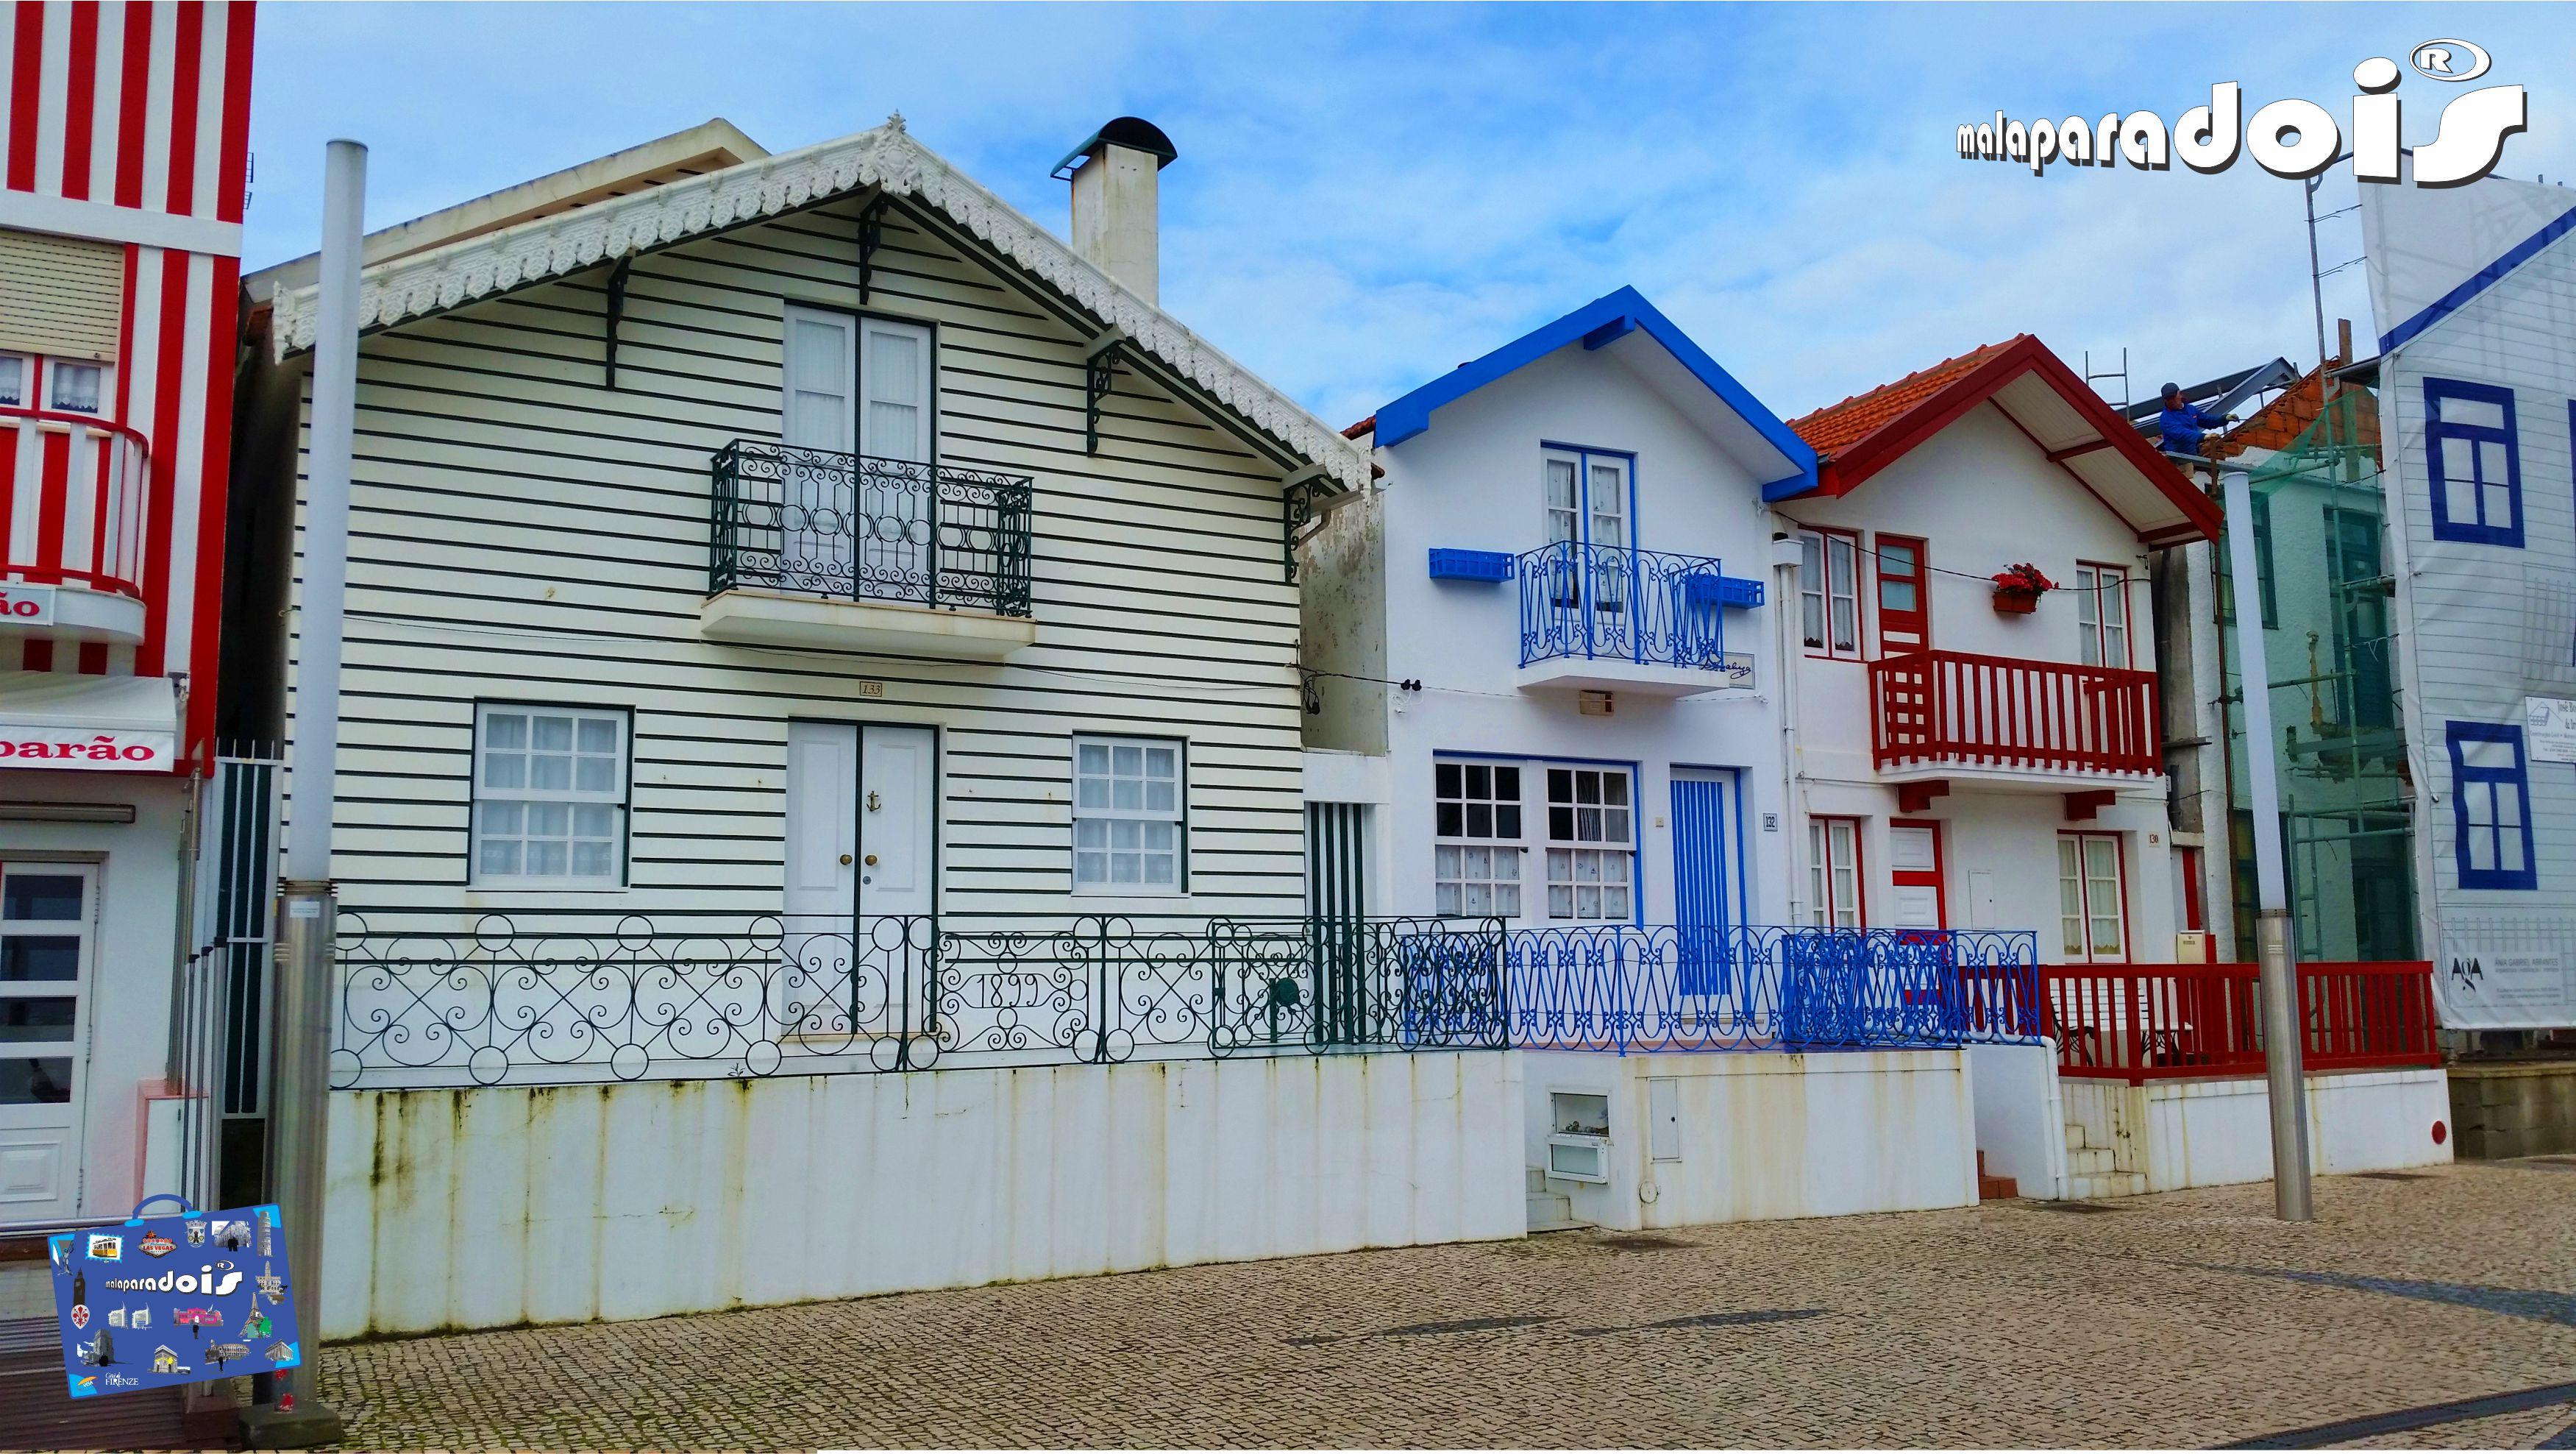 Casas coloridas - Costa Nova